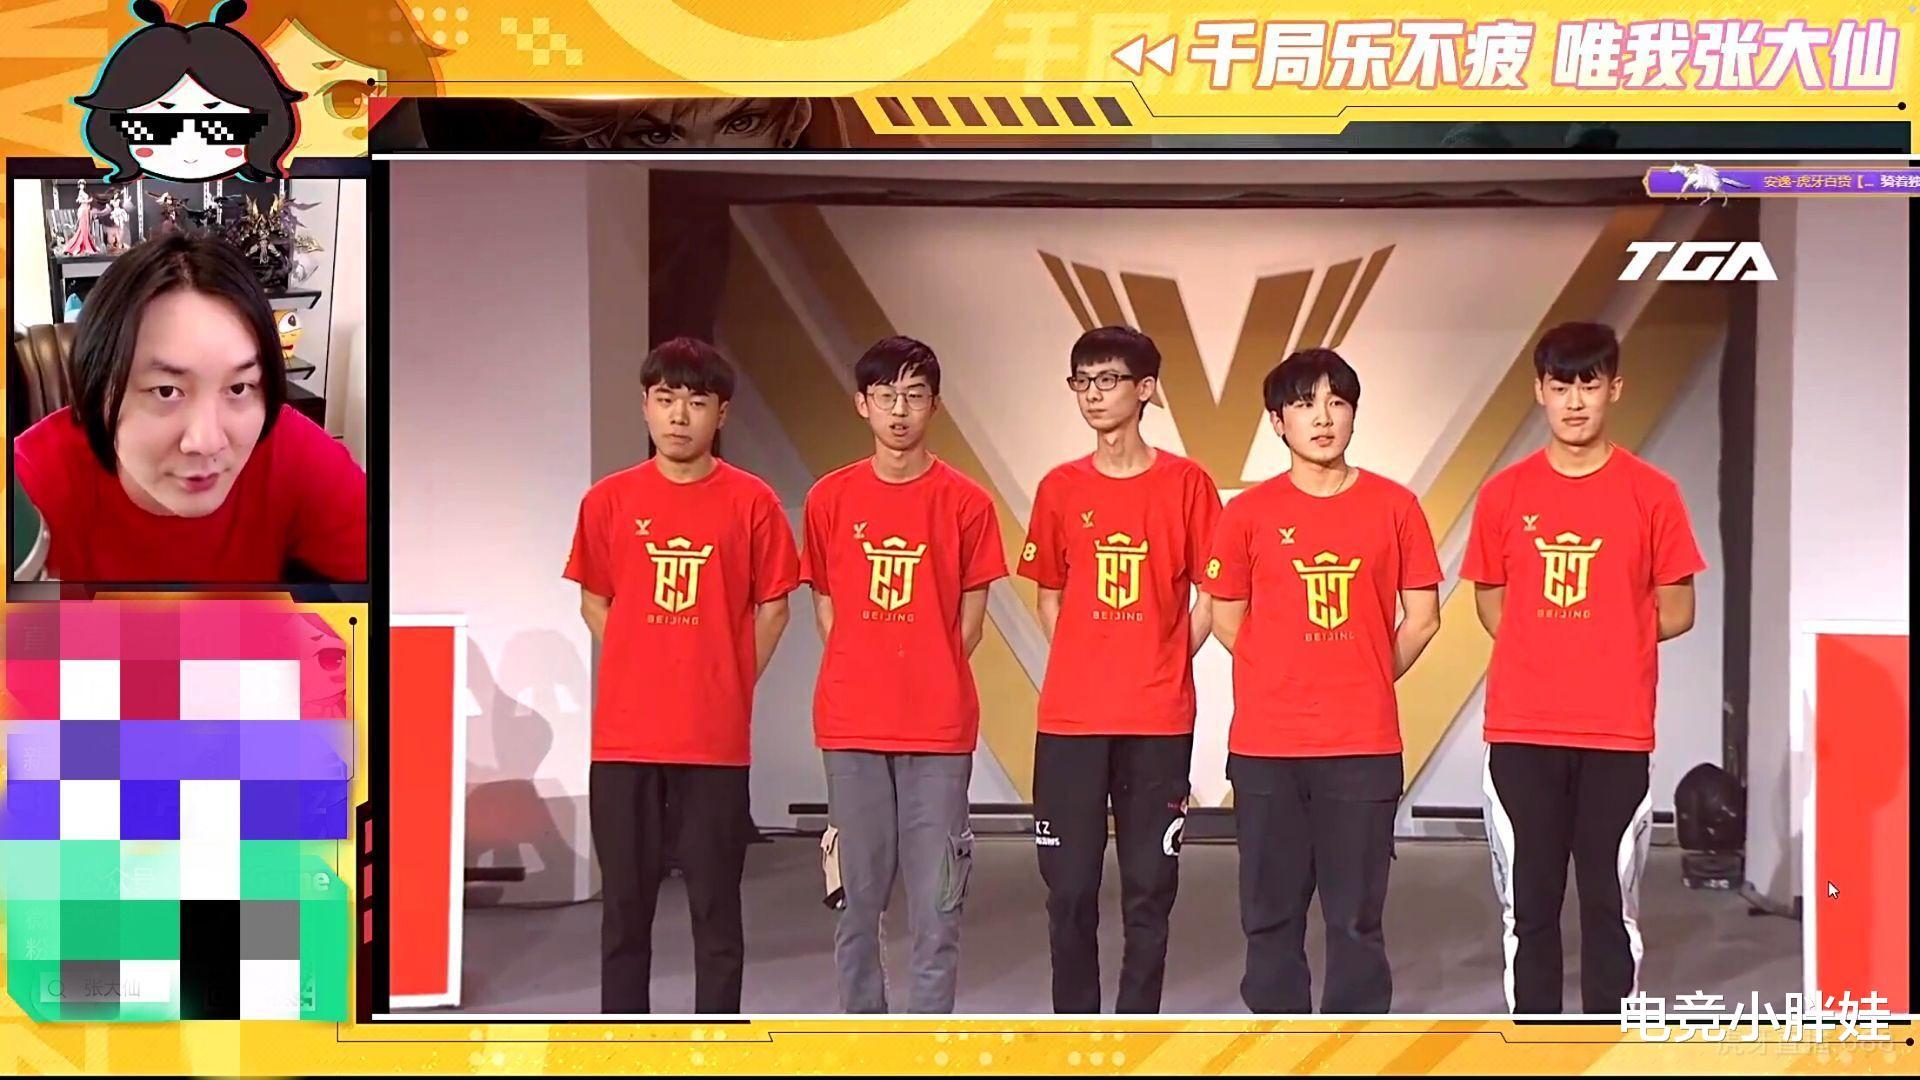 張大仙XYG戰隊獲得冠軍,解說比賽時要教秀豆玩射手,仙友:你是認真的麼-圖5